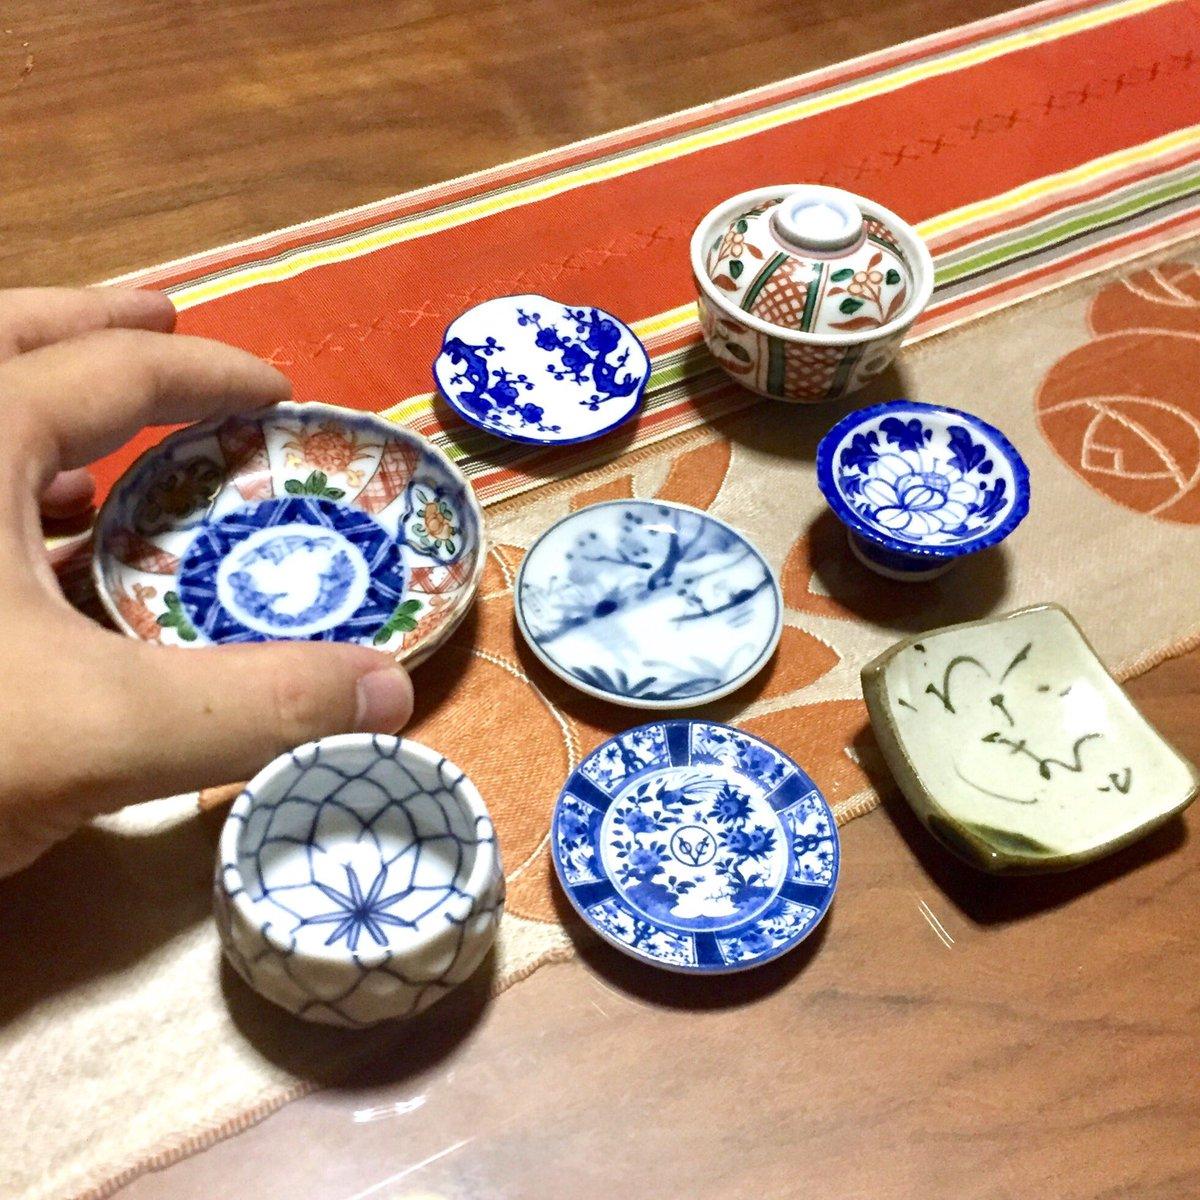 10月31日は陶彩の日! 鮮やかな器は料理を引き立てます。  #マイクロフード #ミニチュア #miniature #ミニチュアフード #料理 #microfood #diet #edibleart #迷你 #tinyfood #japan #今日は何の日 #日本 #陶彩の日 #陶彩 #陶器 #器 #食器 #豆皿 #手塩皿 #和陶器 #蚤の市 https://t.co/KBurxyR9dz